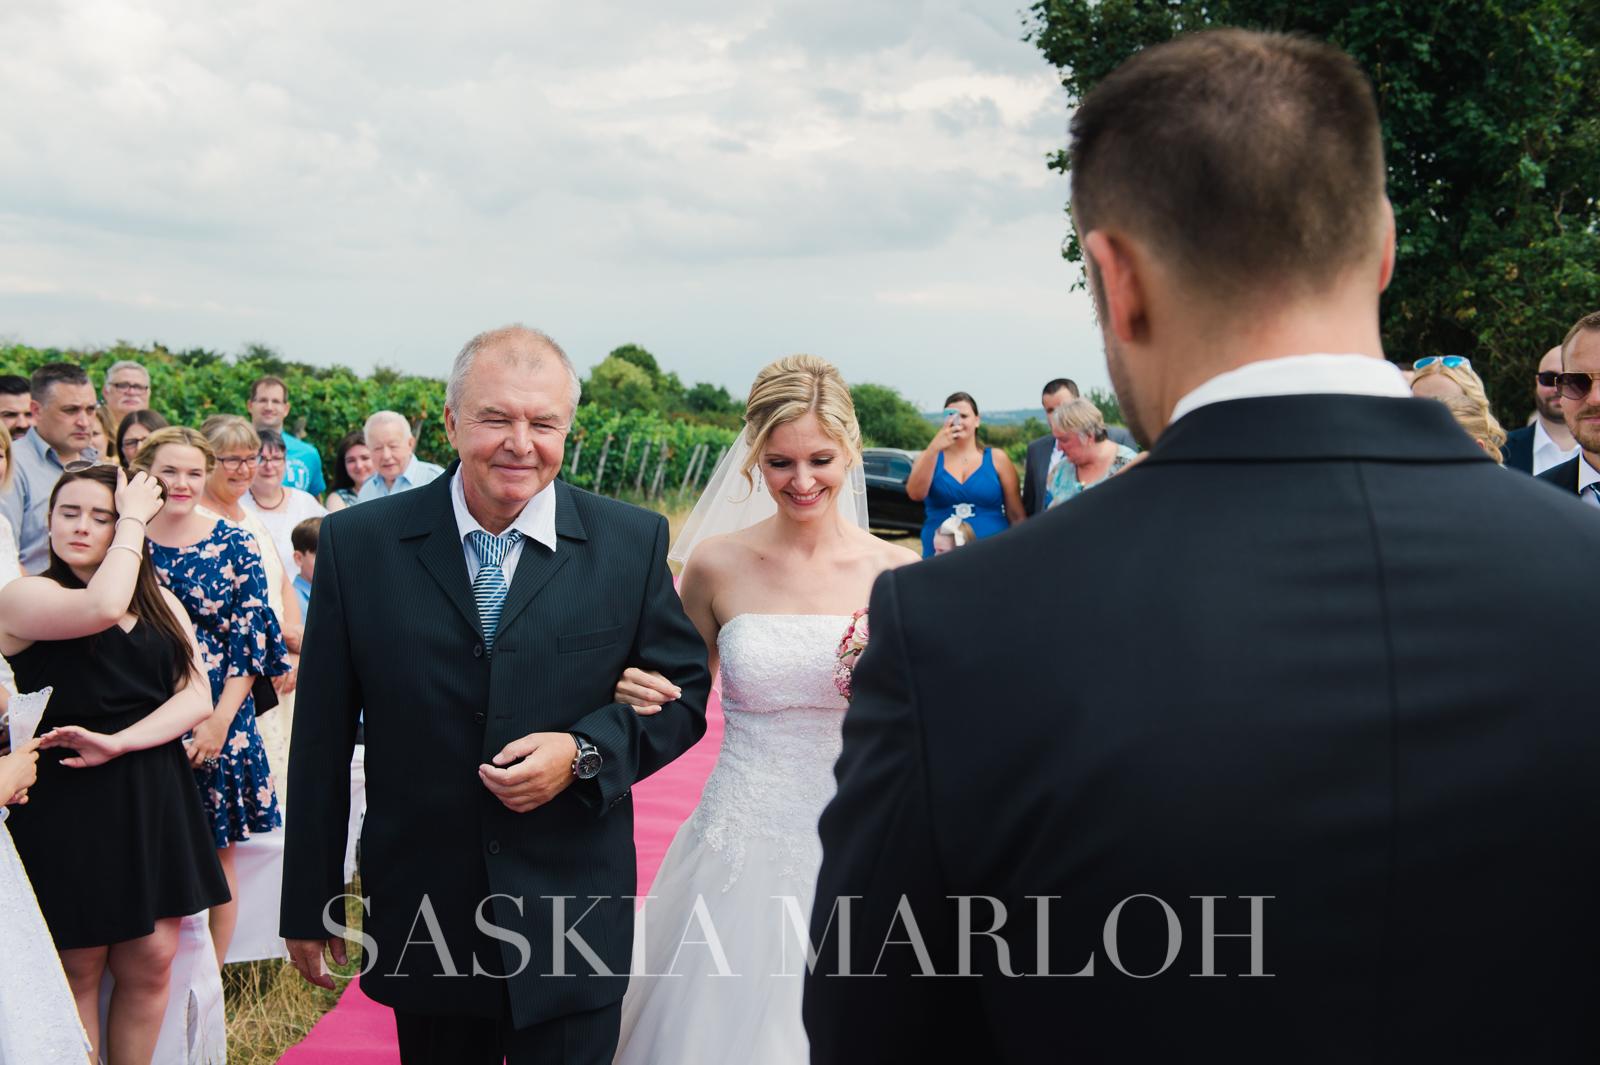 WEINGUT-GEORG-MÜLLER-CLUB-PRESTIGE-DE-LUXE-HOCHZEIT-WEDDING-PHOTO-FOTO-SASKIA-MARLOH-edit-94